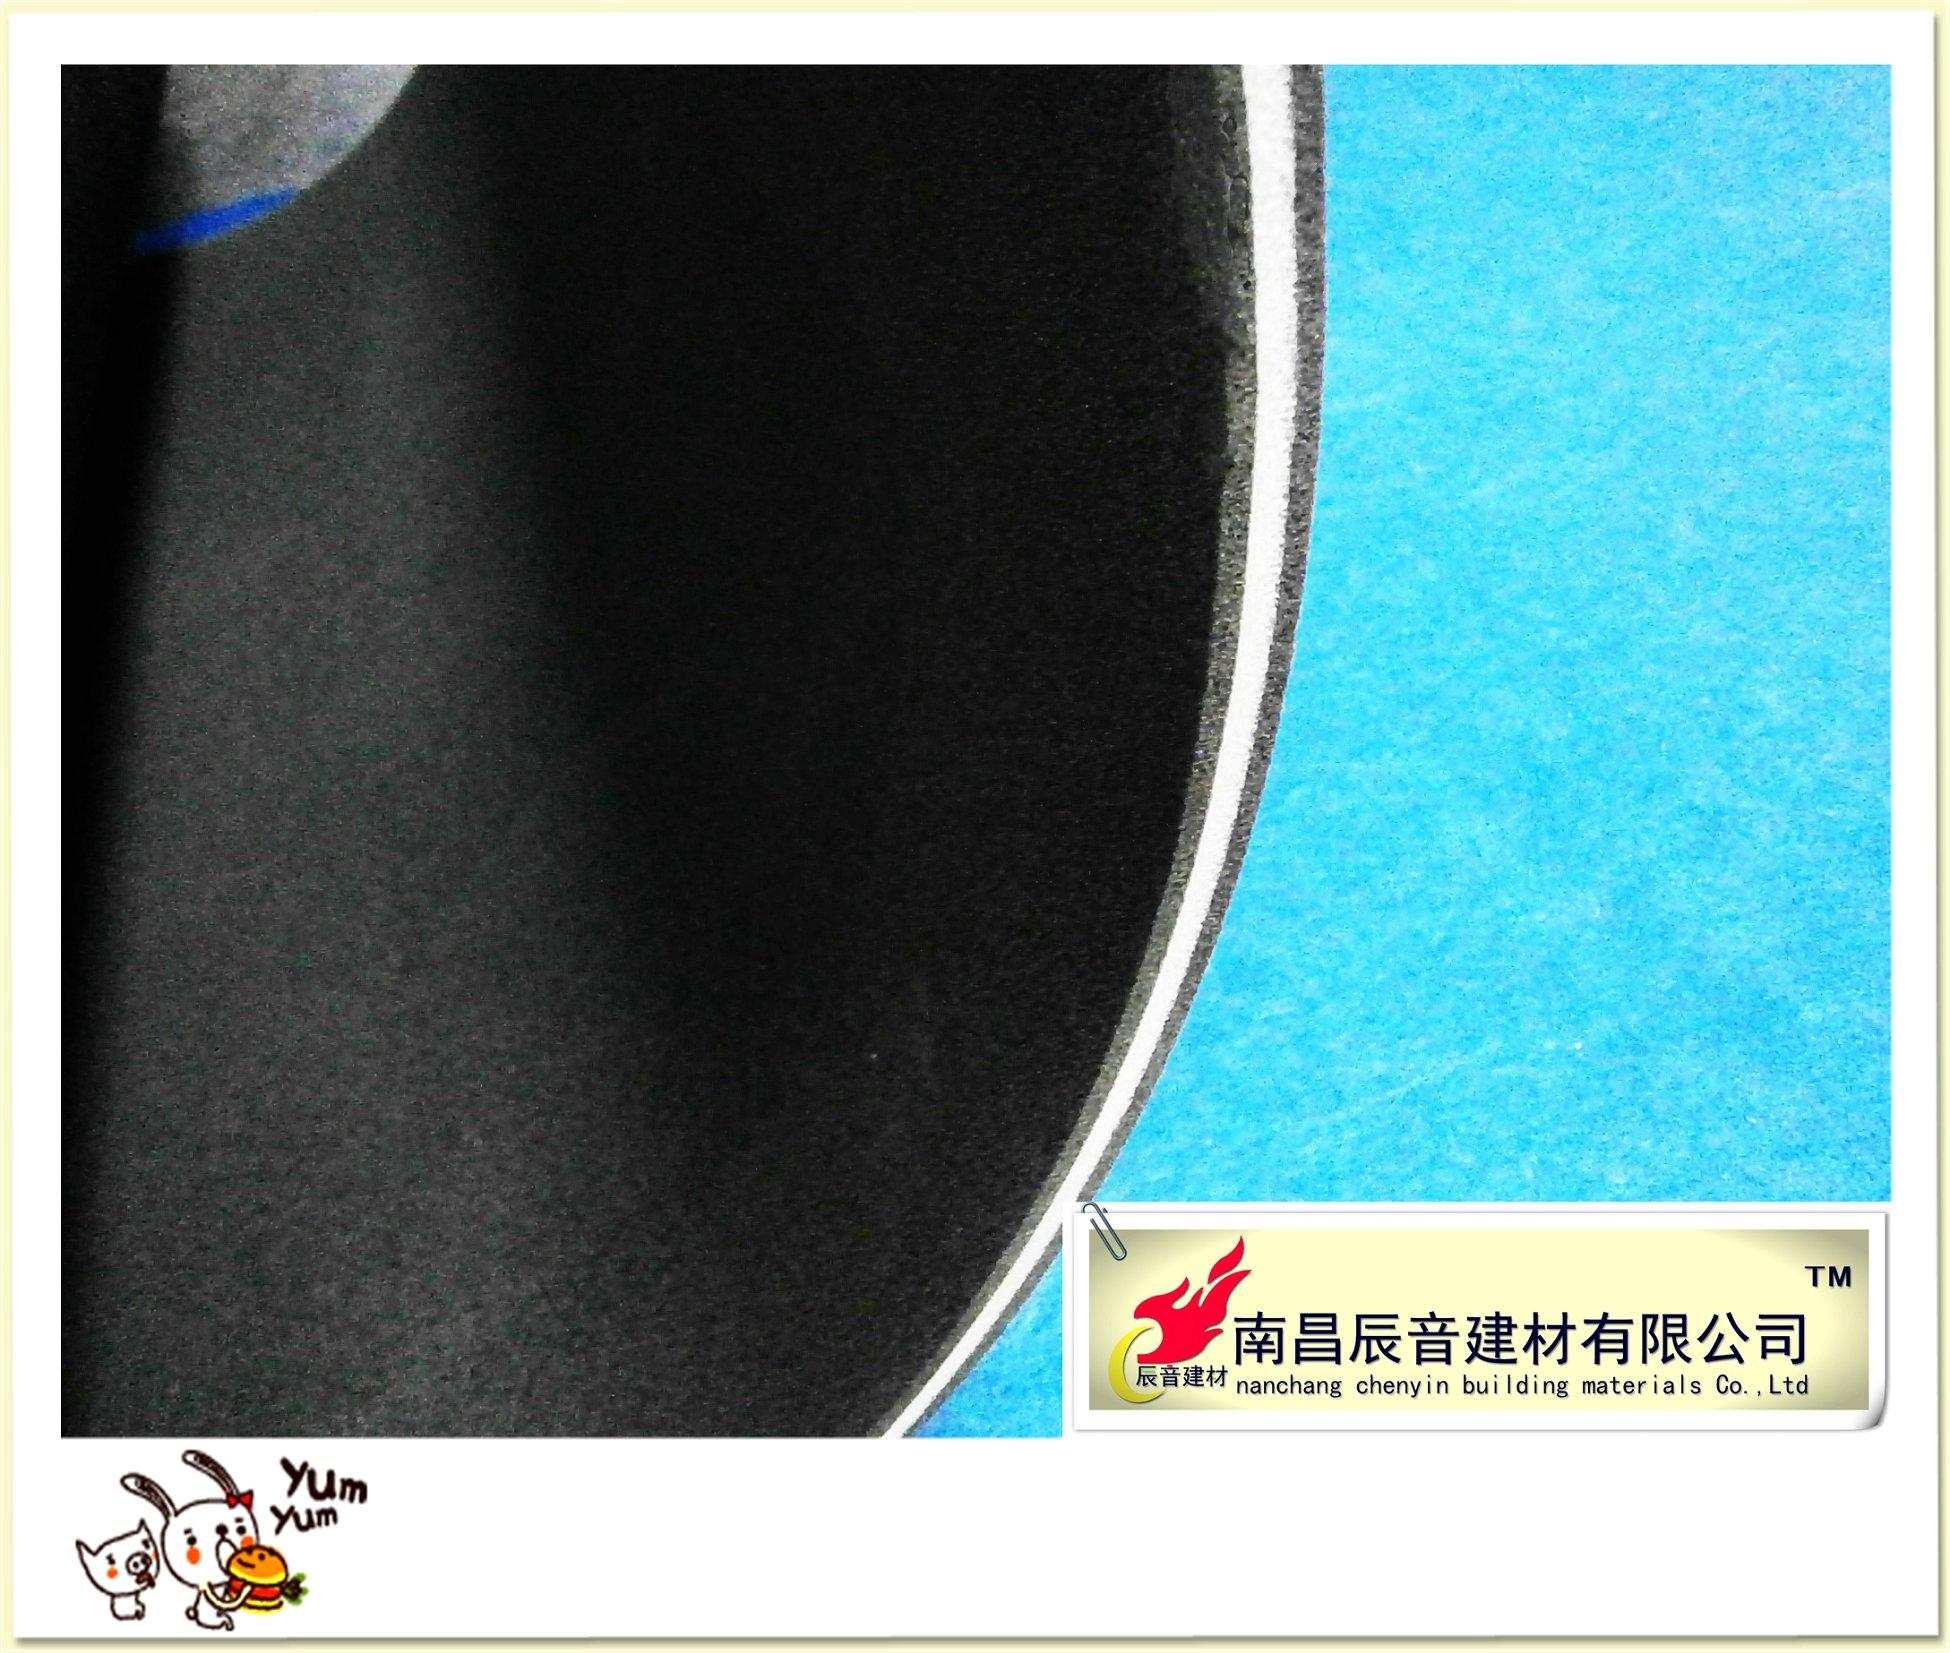 岑巩县酒吧隔音板地面低频减震垫